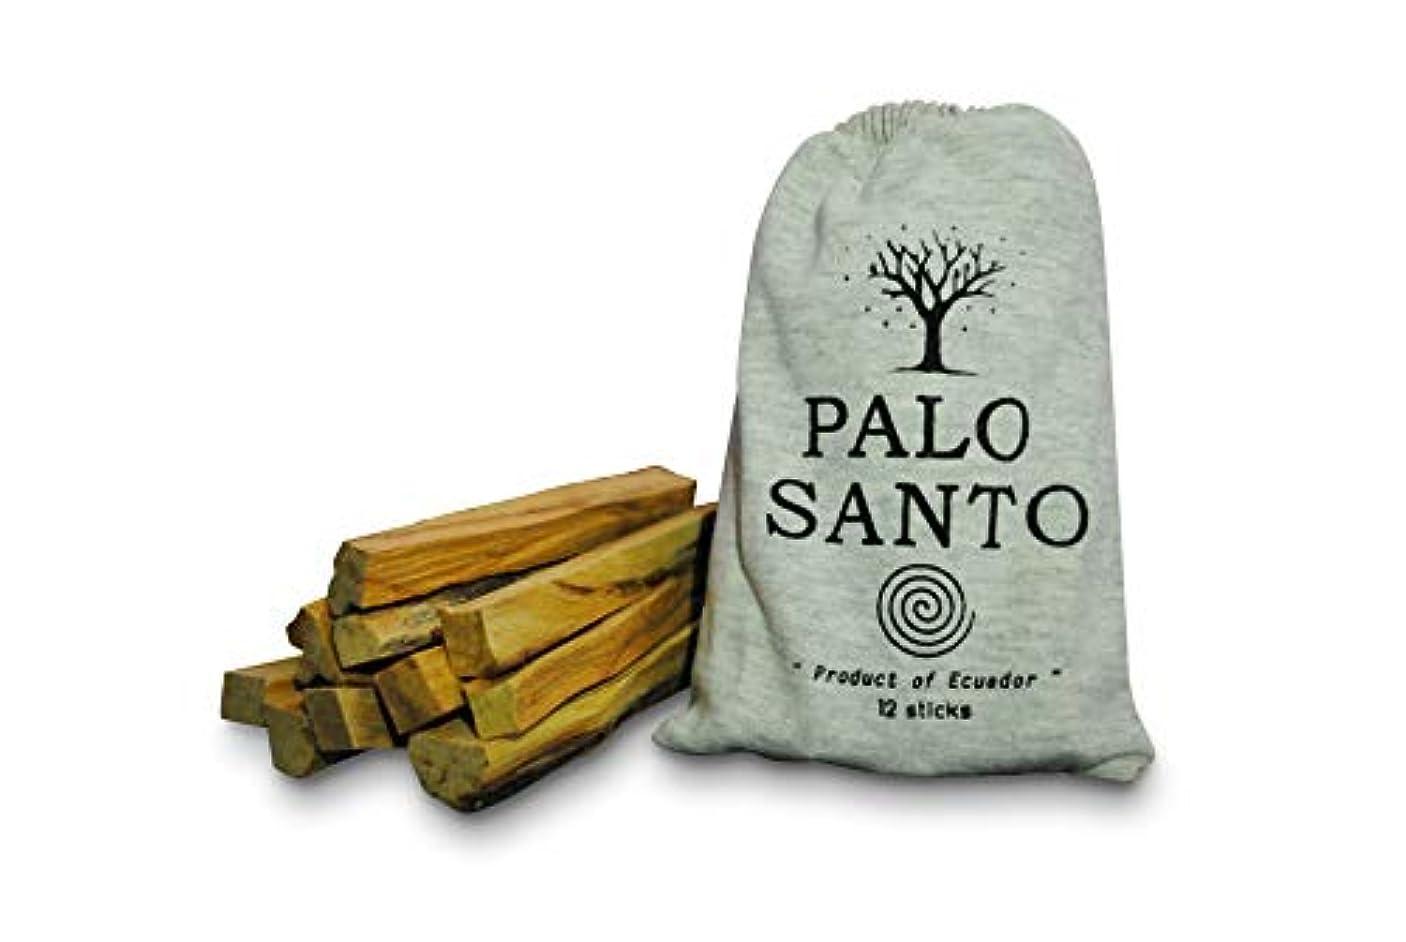 知人ソケット妖精オルタナティブ ミラクル パロ サント スマッジスティック - 野生の収穫 聖なる木のお香 スマッジスティック